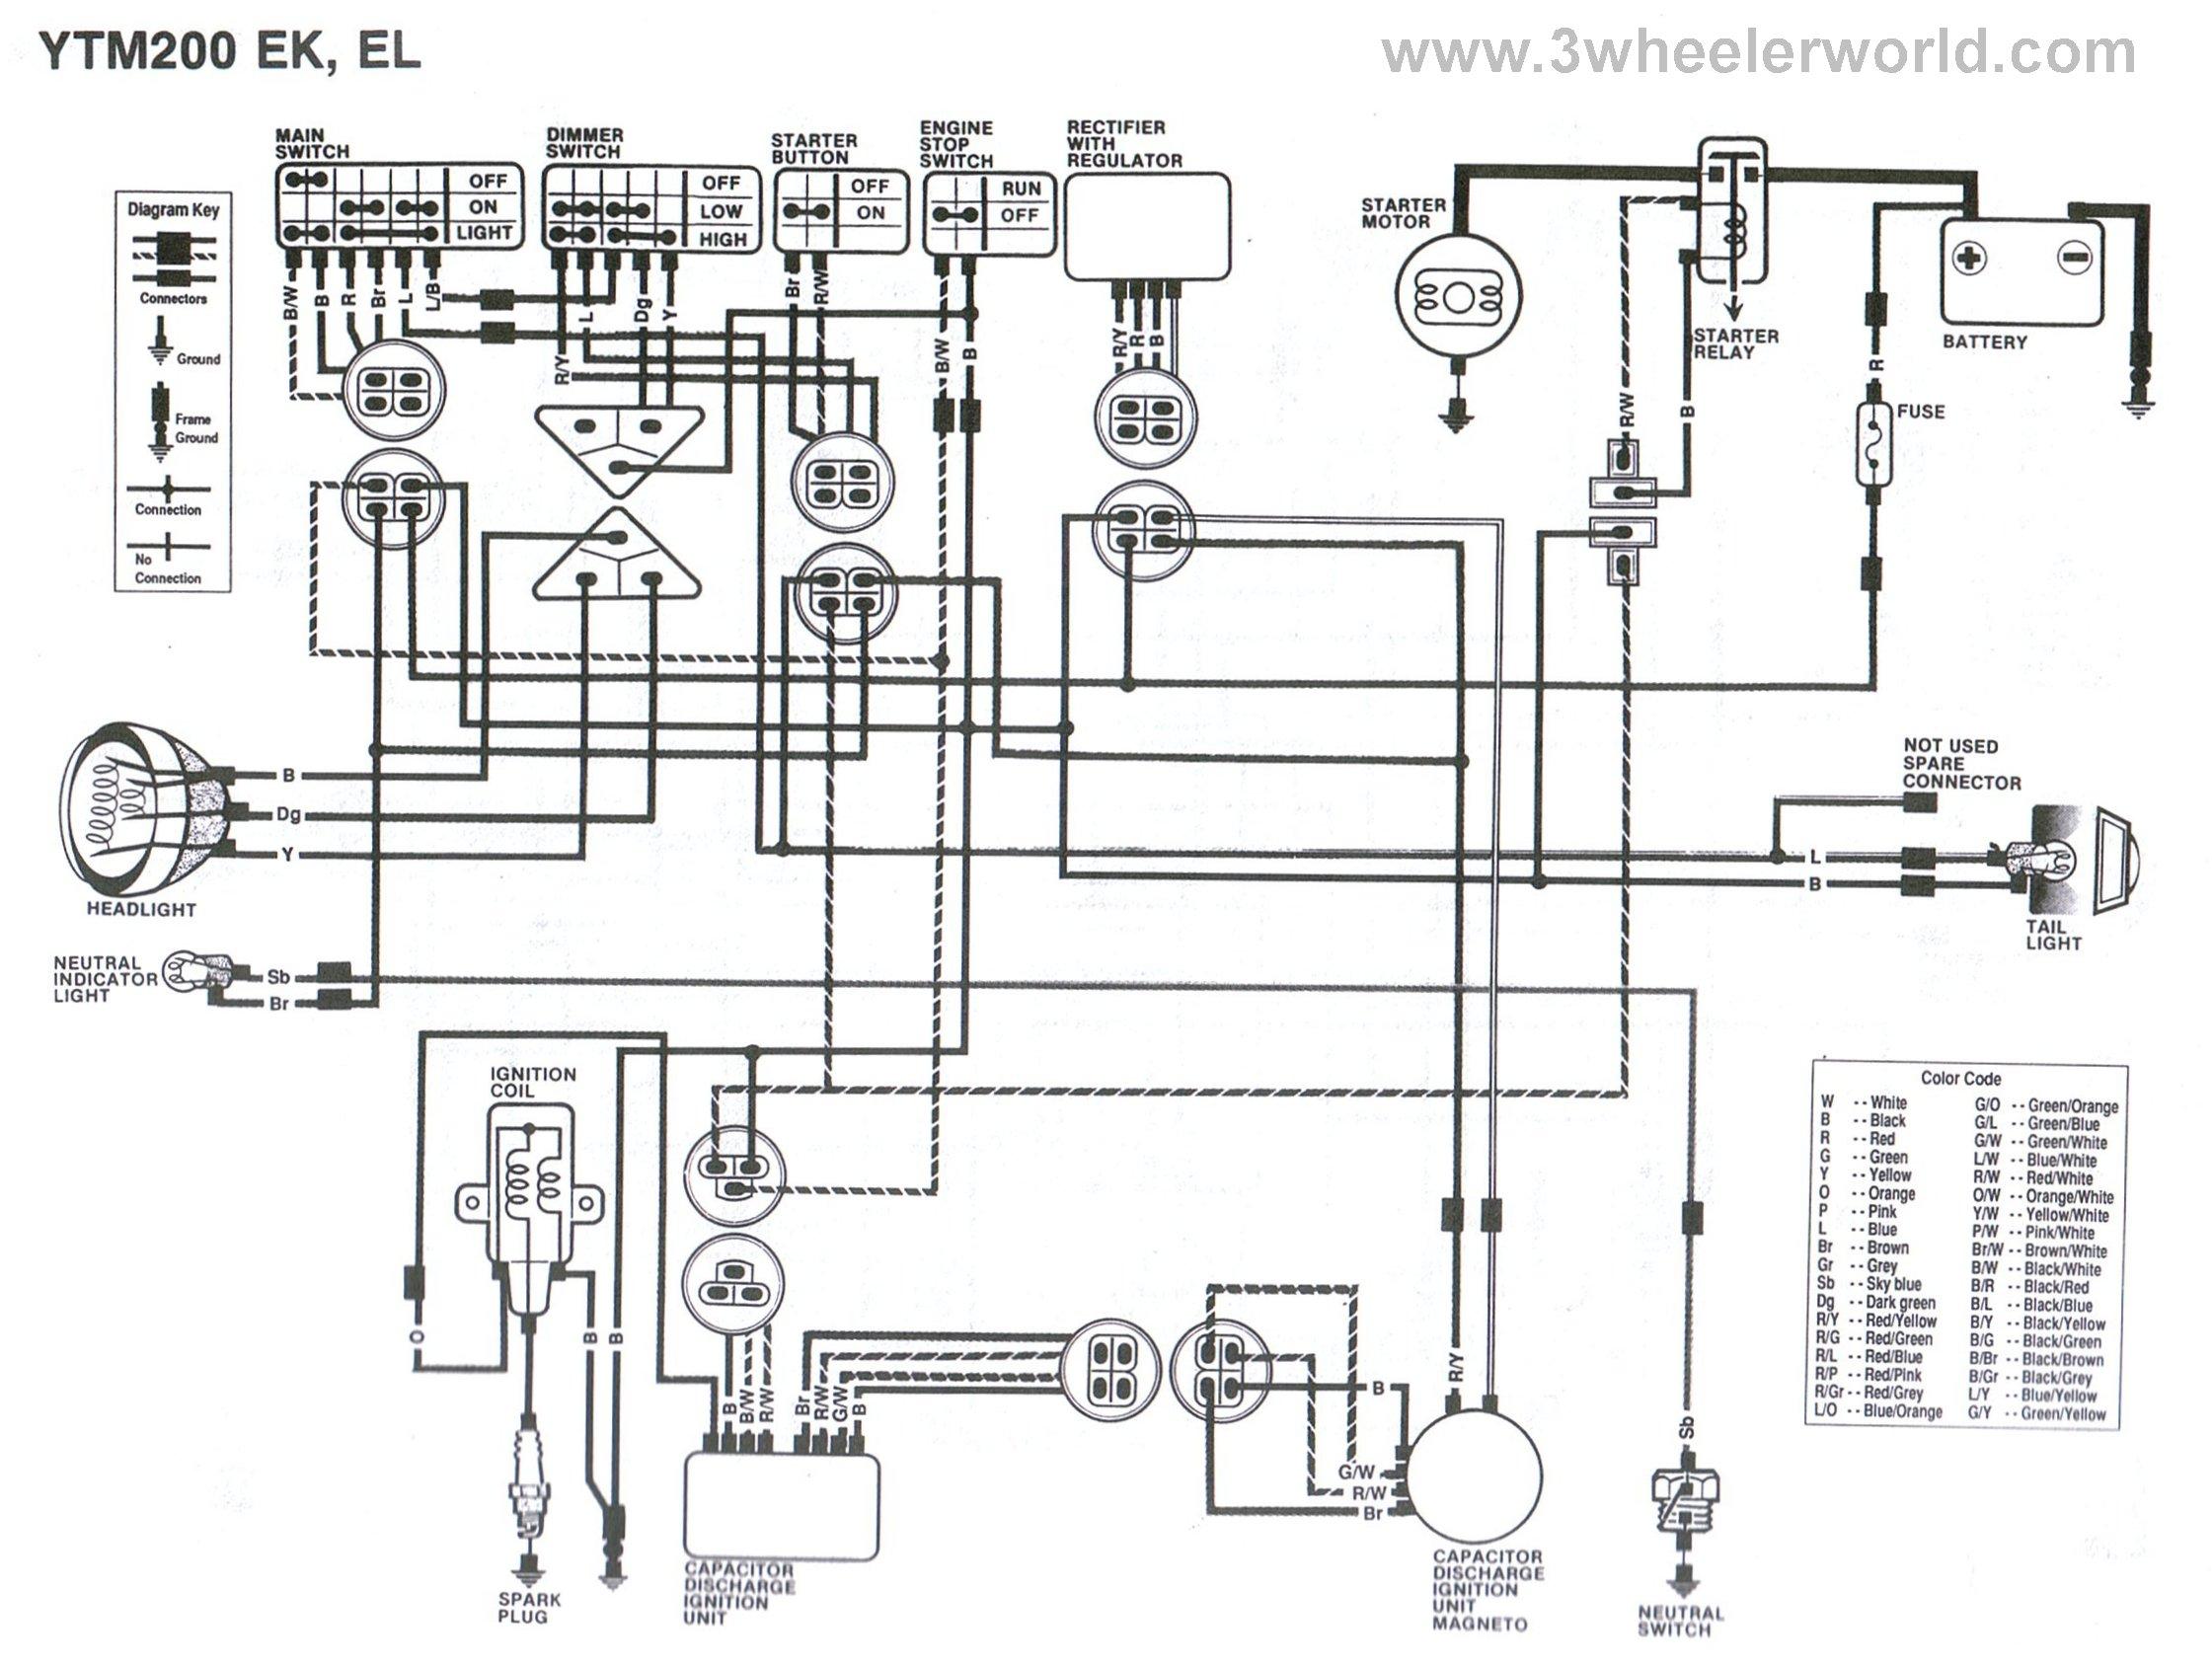 pw50 wiring diagram detailed schematics diagram rh jppastryarts com Ezgo TXT Wiring Schematic Yamaha G1 Parts List